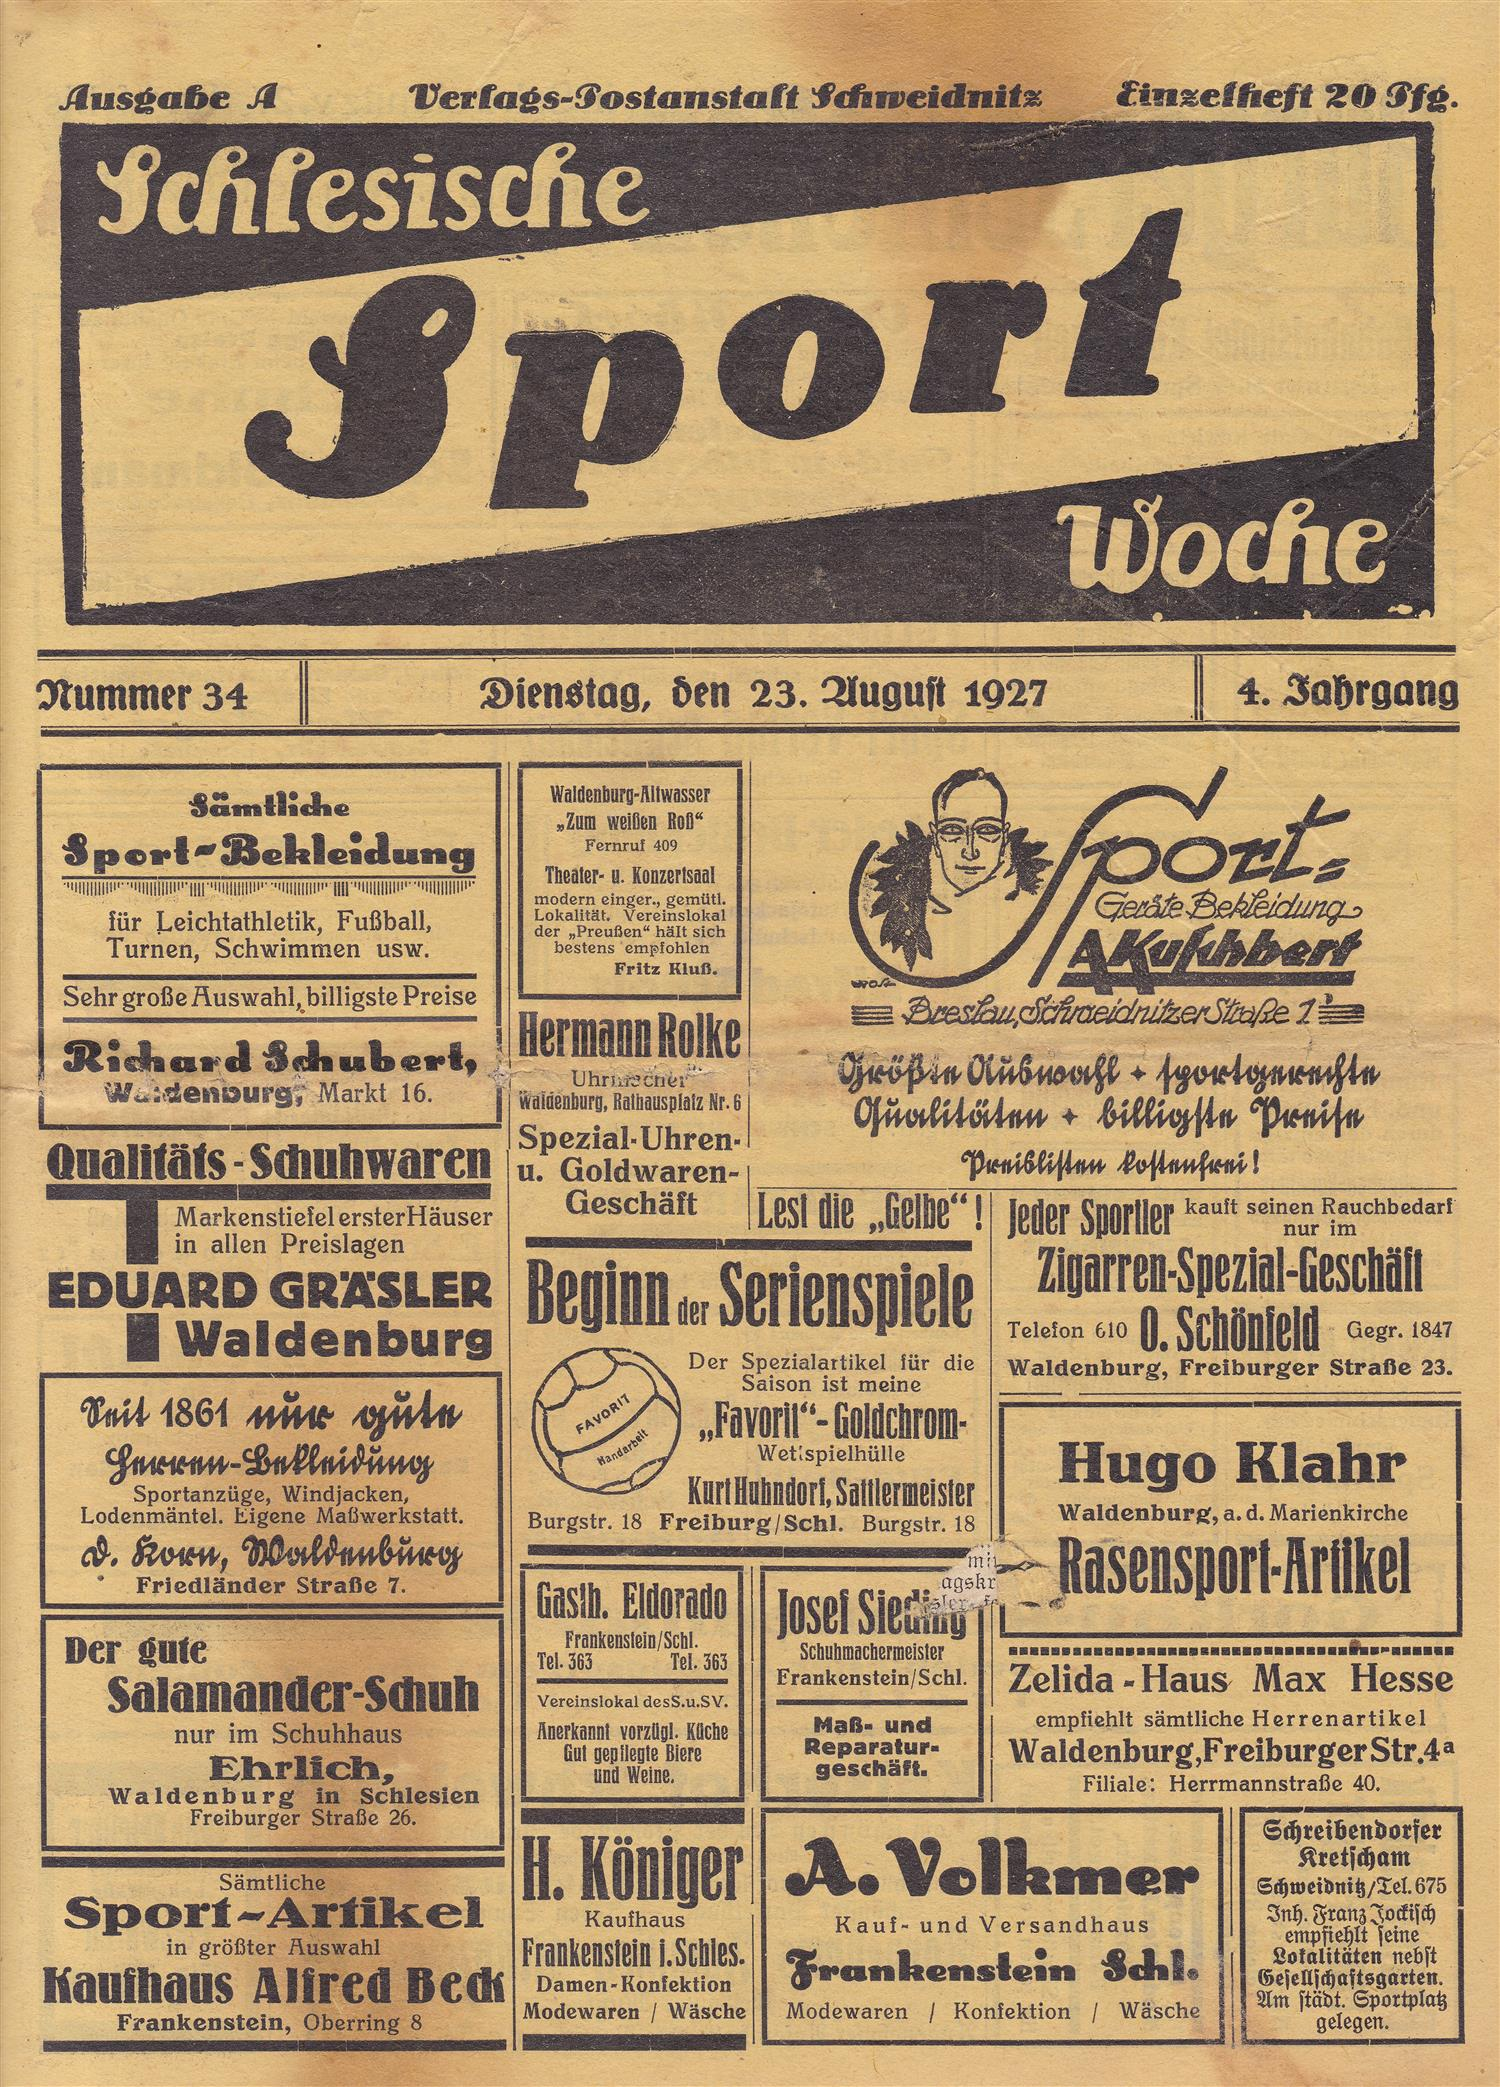 Schlesiche_Sport_Woche_23_08_1927 (1)